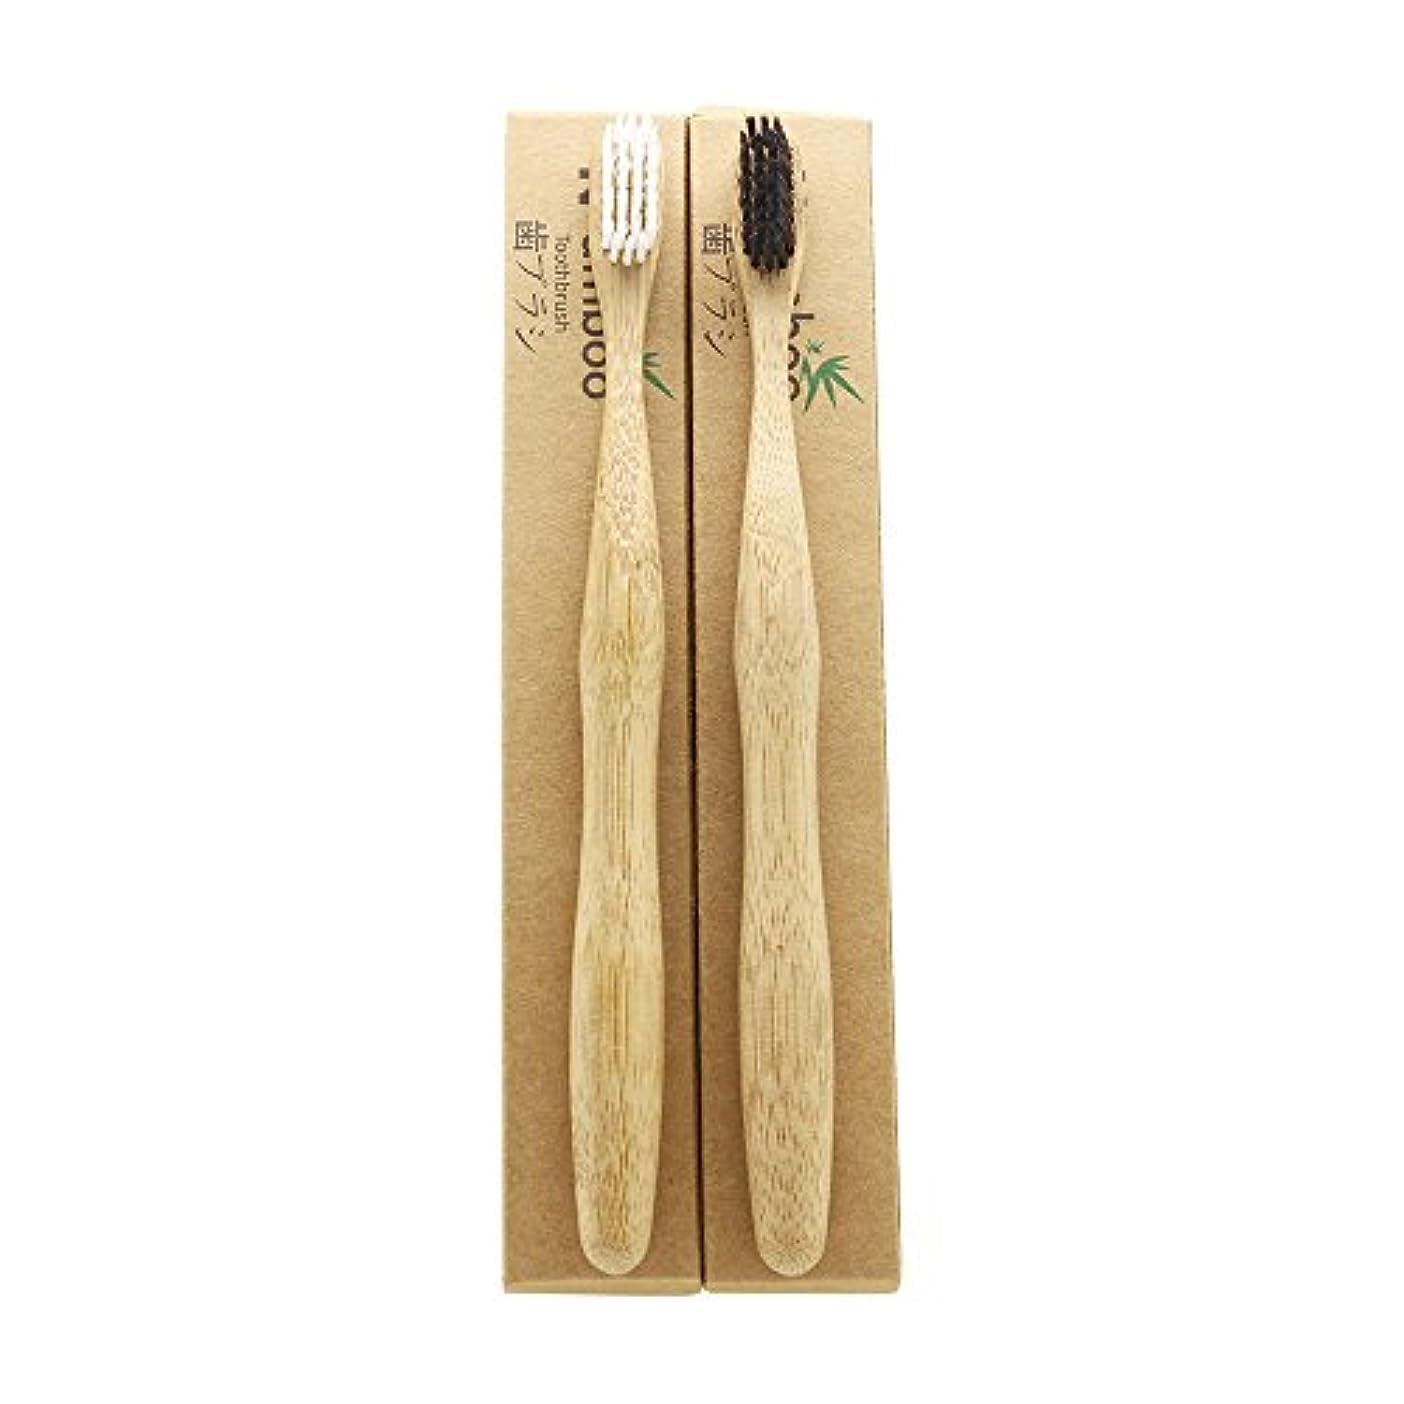 計算するグリーンランドコンパニオンN-amboo 竹製 歯ブラシ 高耐久性 白と黒 セット エコ  (2本)